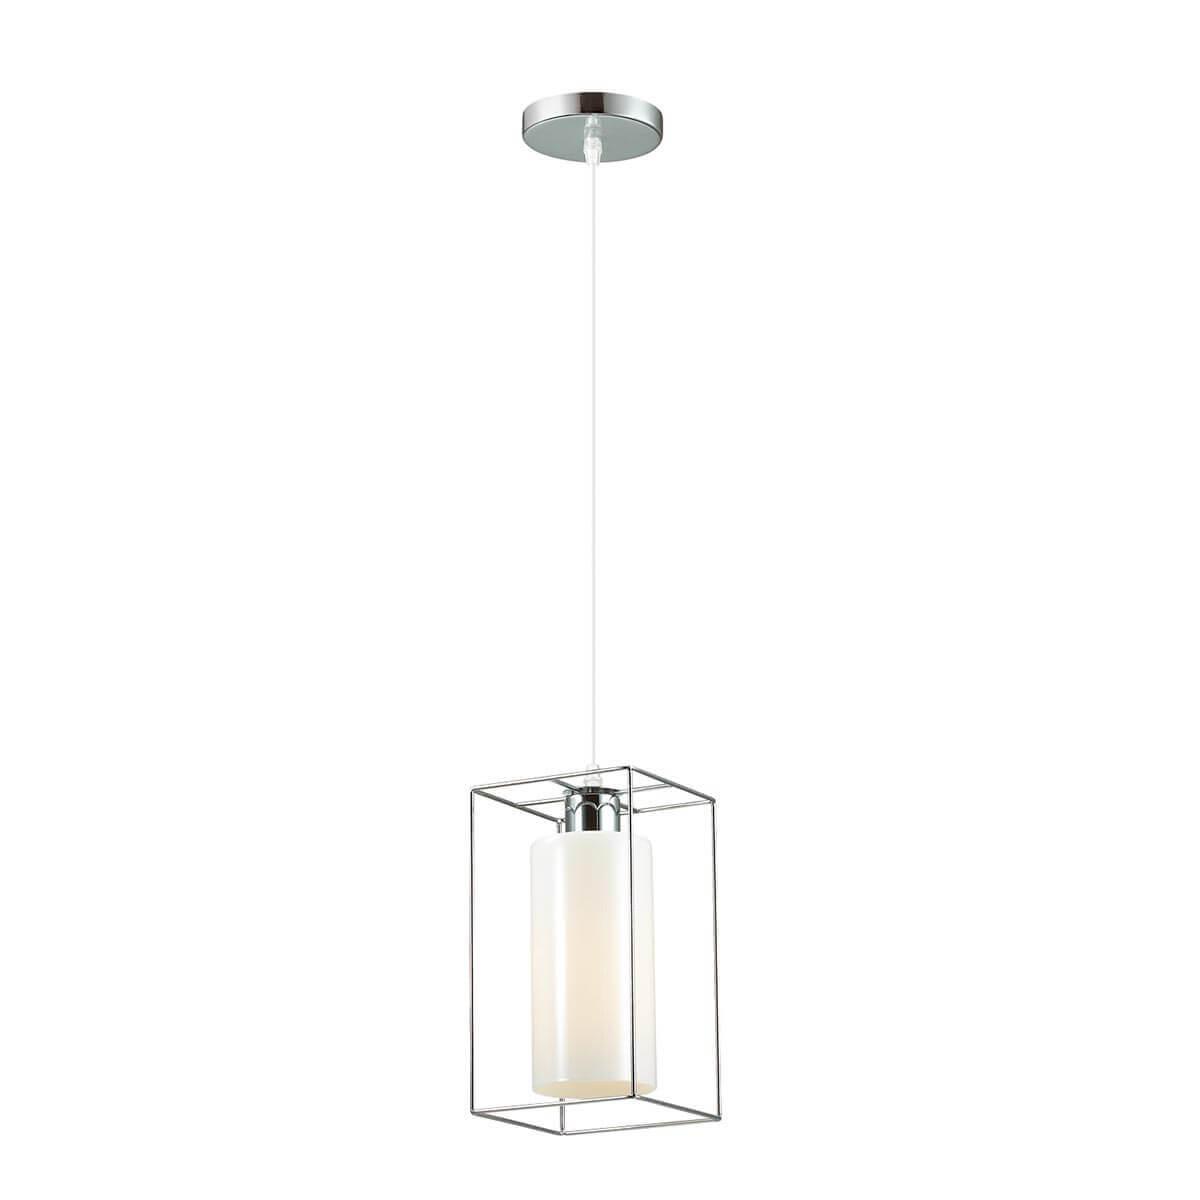 Подвесной светильник Lumion Elliot 3731/1 подвесной светильник lumion 3731 1 e27 60 вт